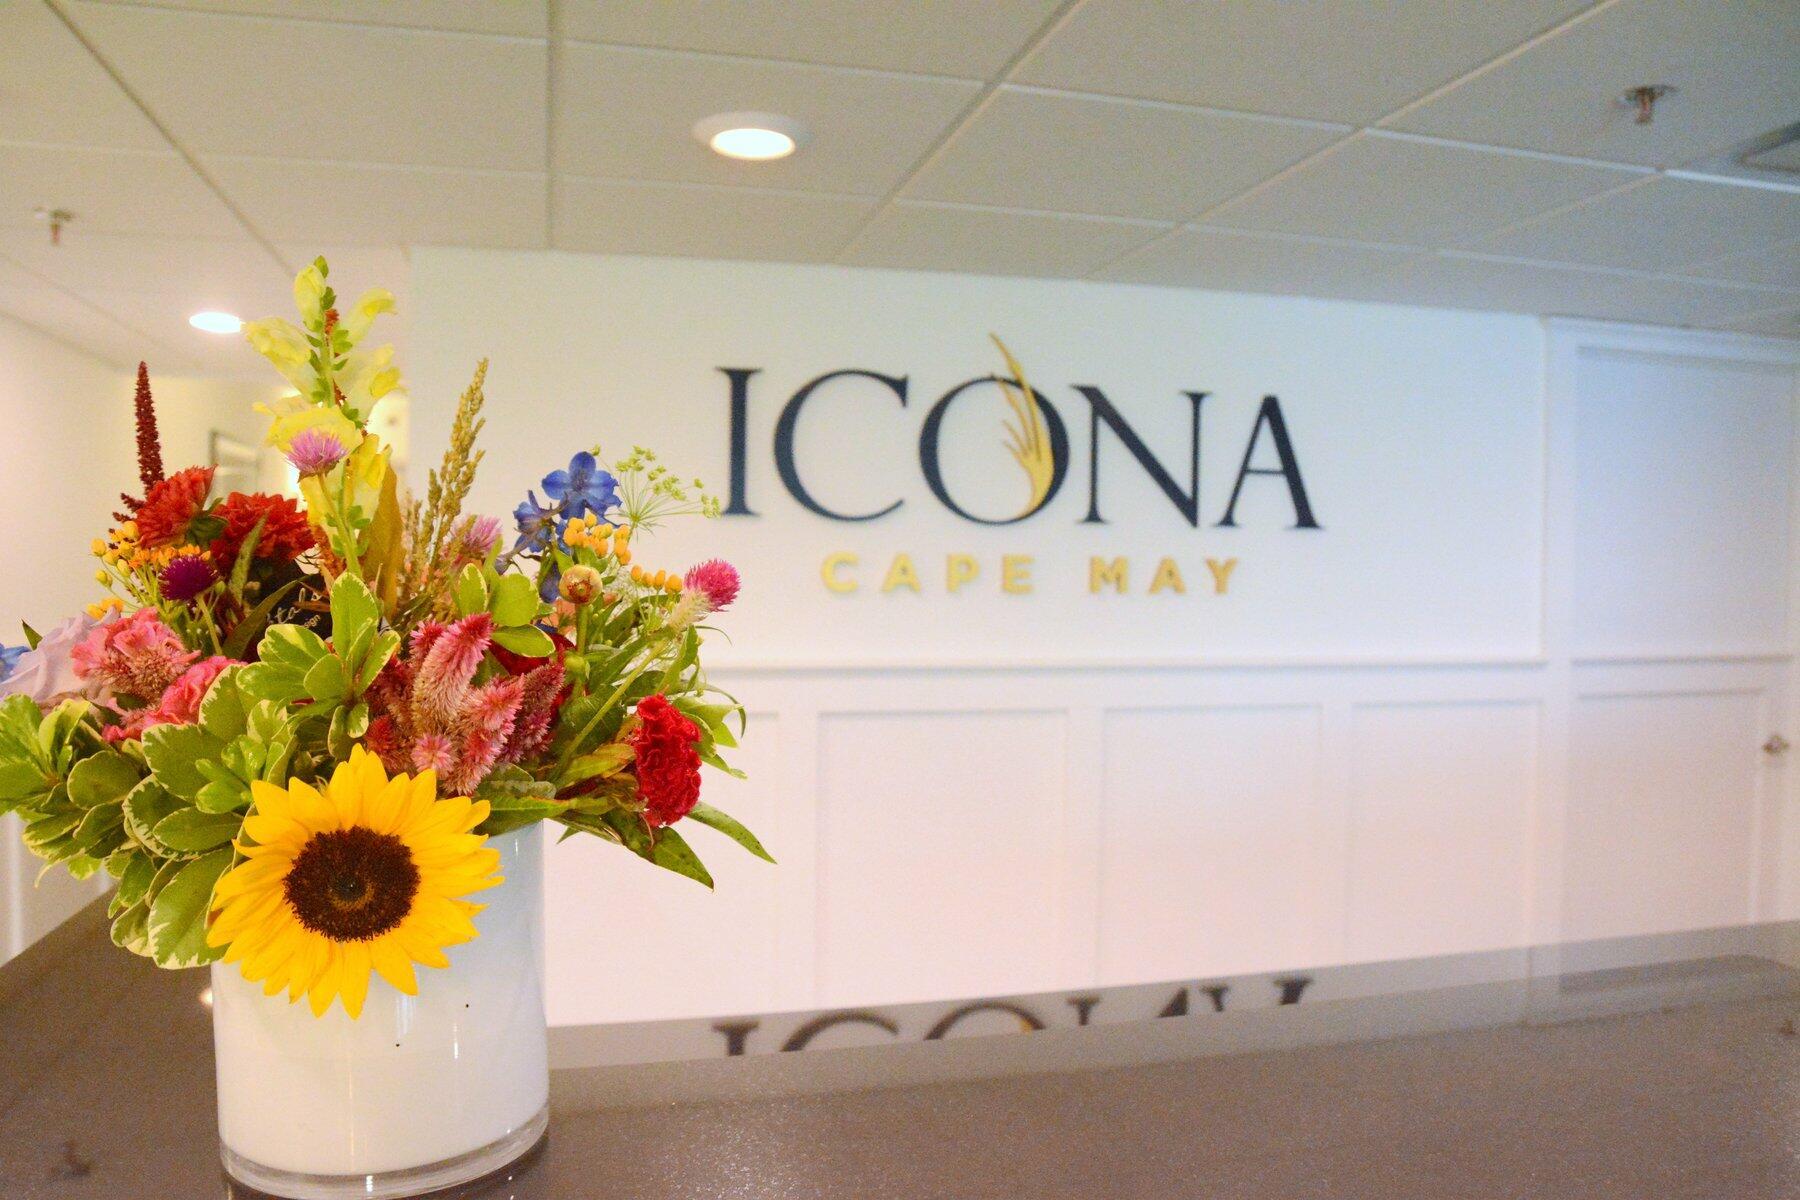 ICONA Cape May